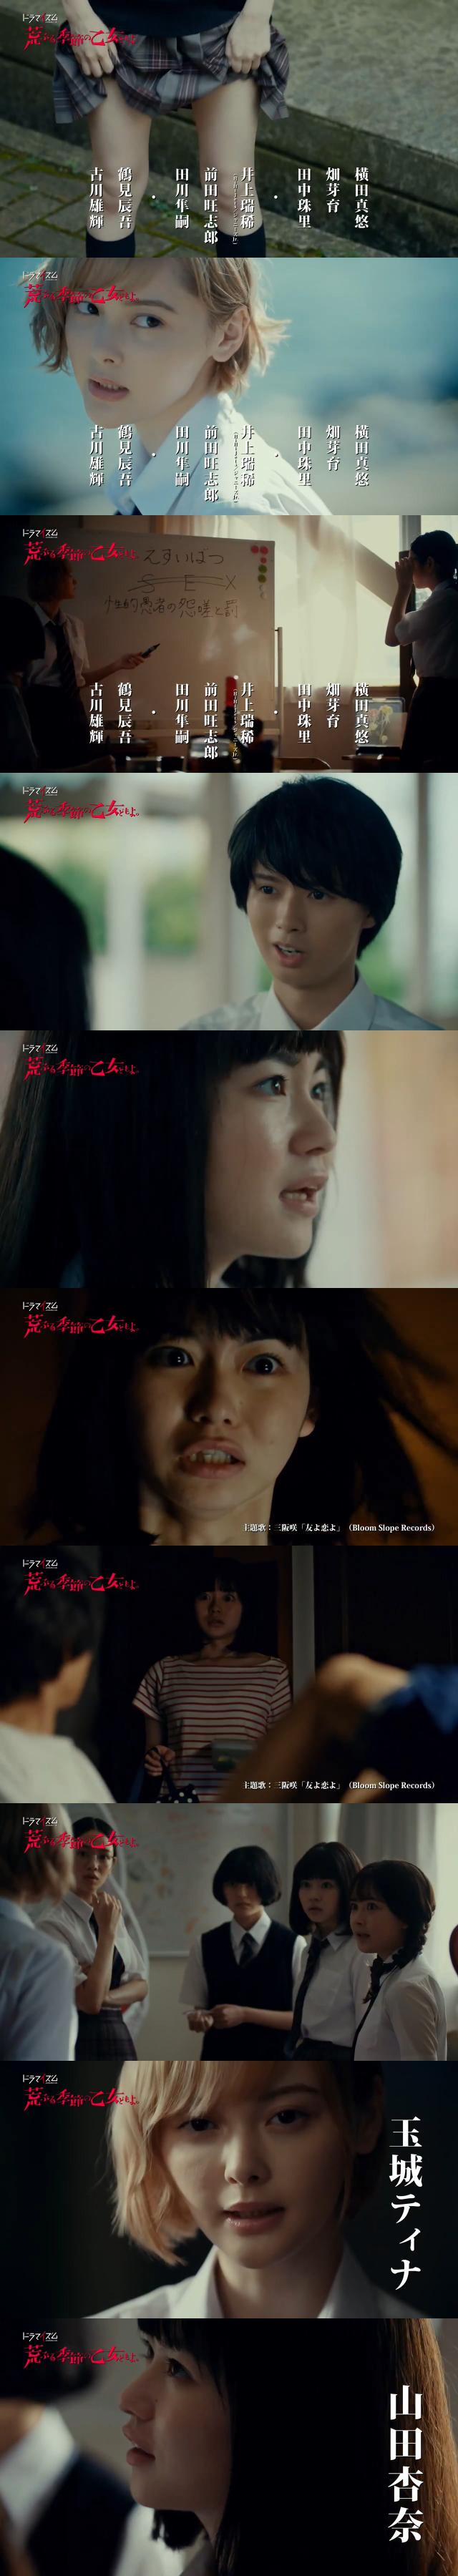 让人羞涩的动漫改编真人日剧《骚动时节的少女们啊。》公开预告,将于9月8日开播。_图片 No.2